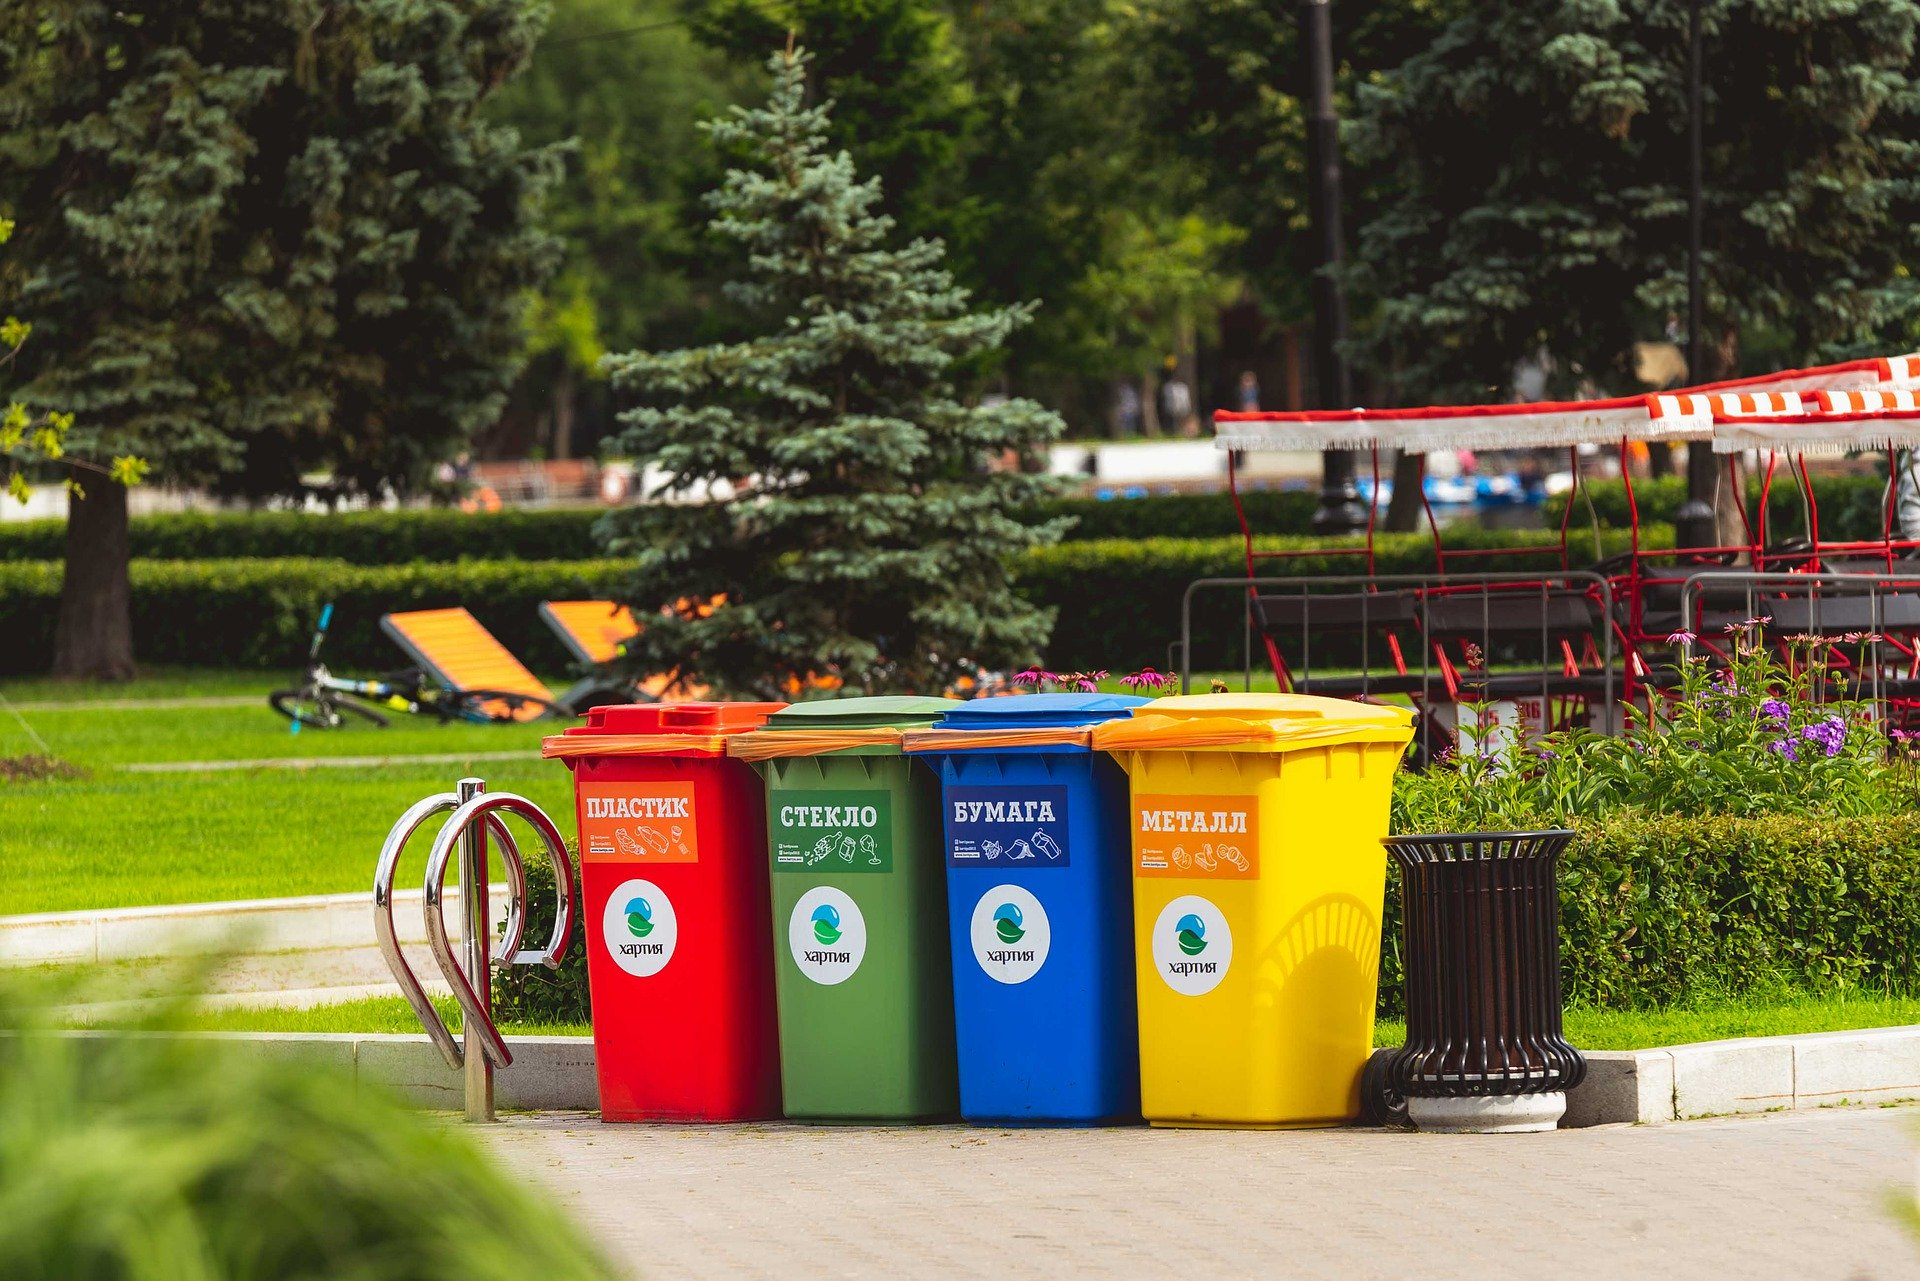 Внедрение раздельного сбора мусора потребует в пять раз больше мусорных баков